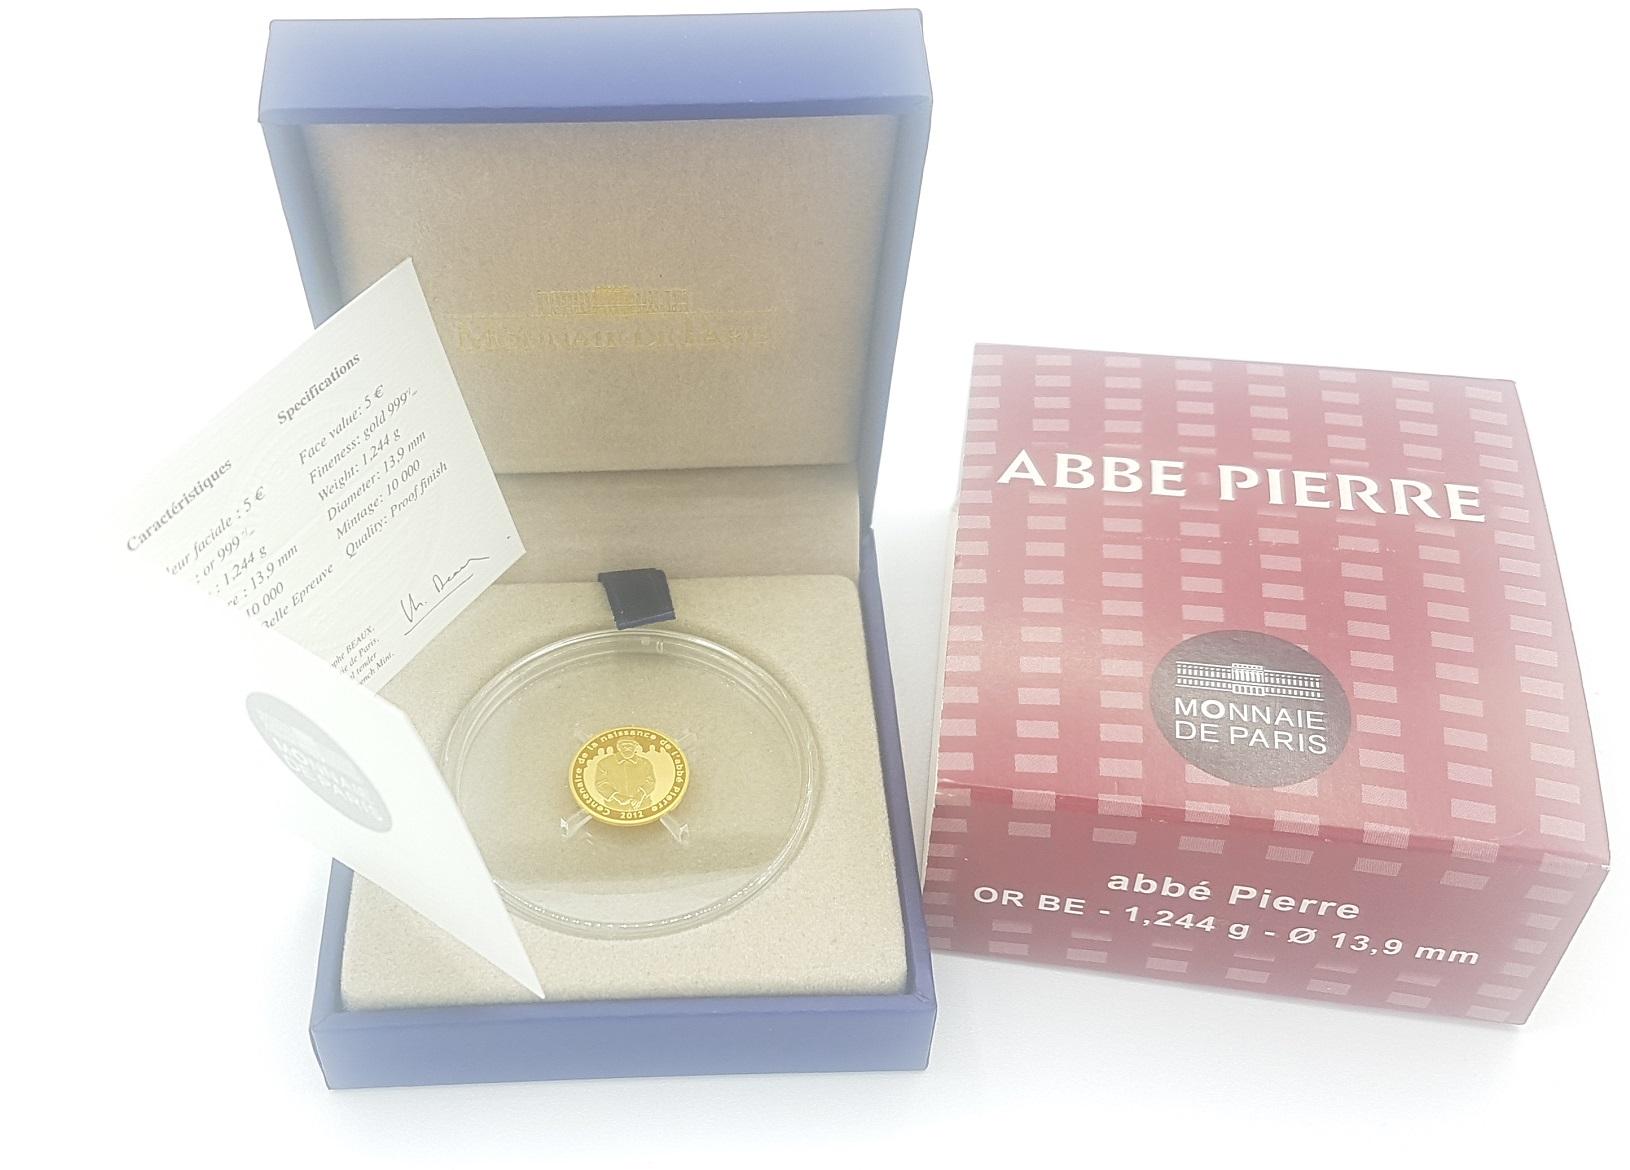 (EUR07.ComBU&BE.2012.10041275210000) 5 euro France 2012 Proof gold - Abbé Pierre Obverse (zoom)